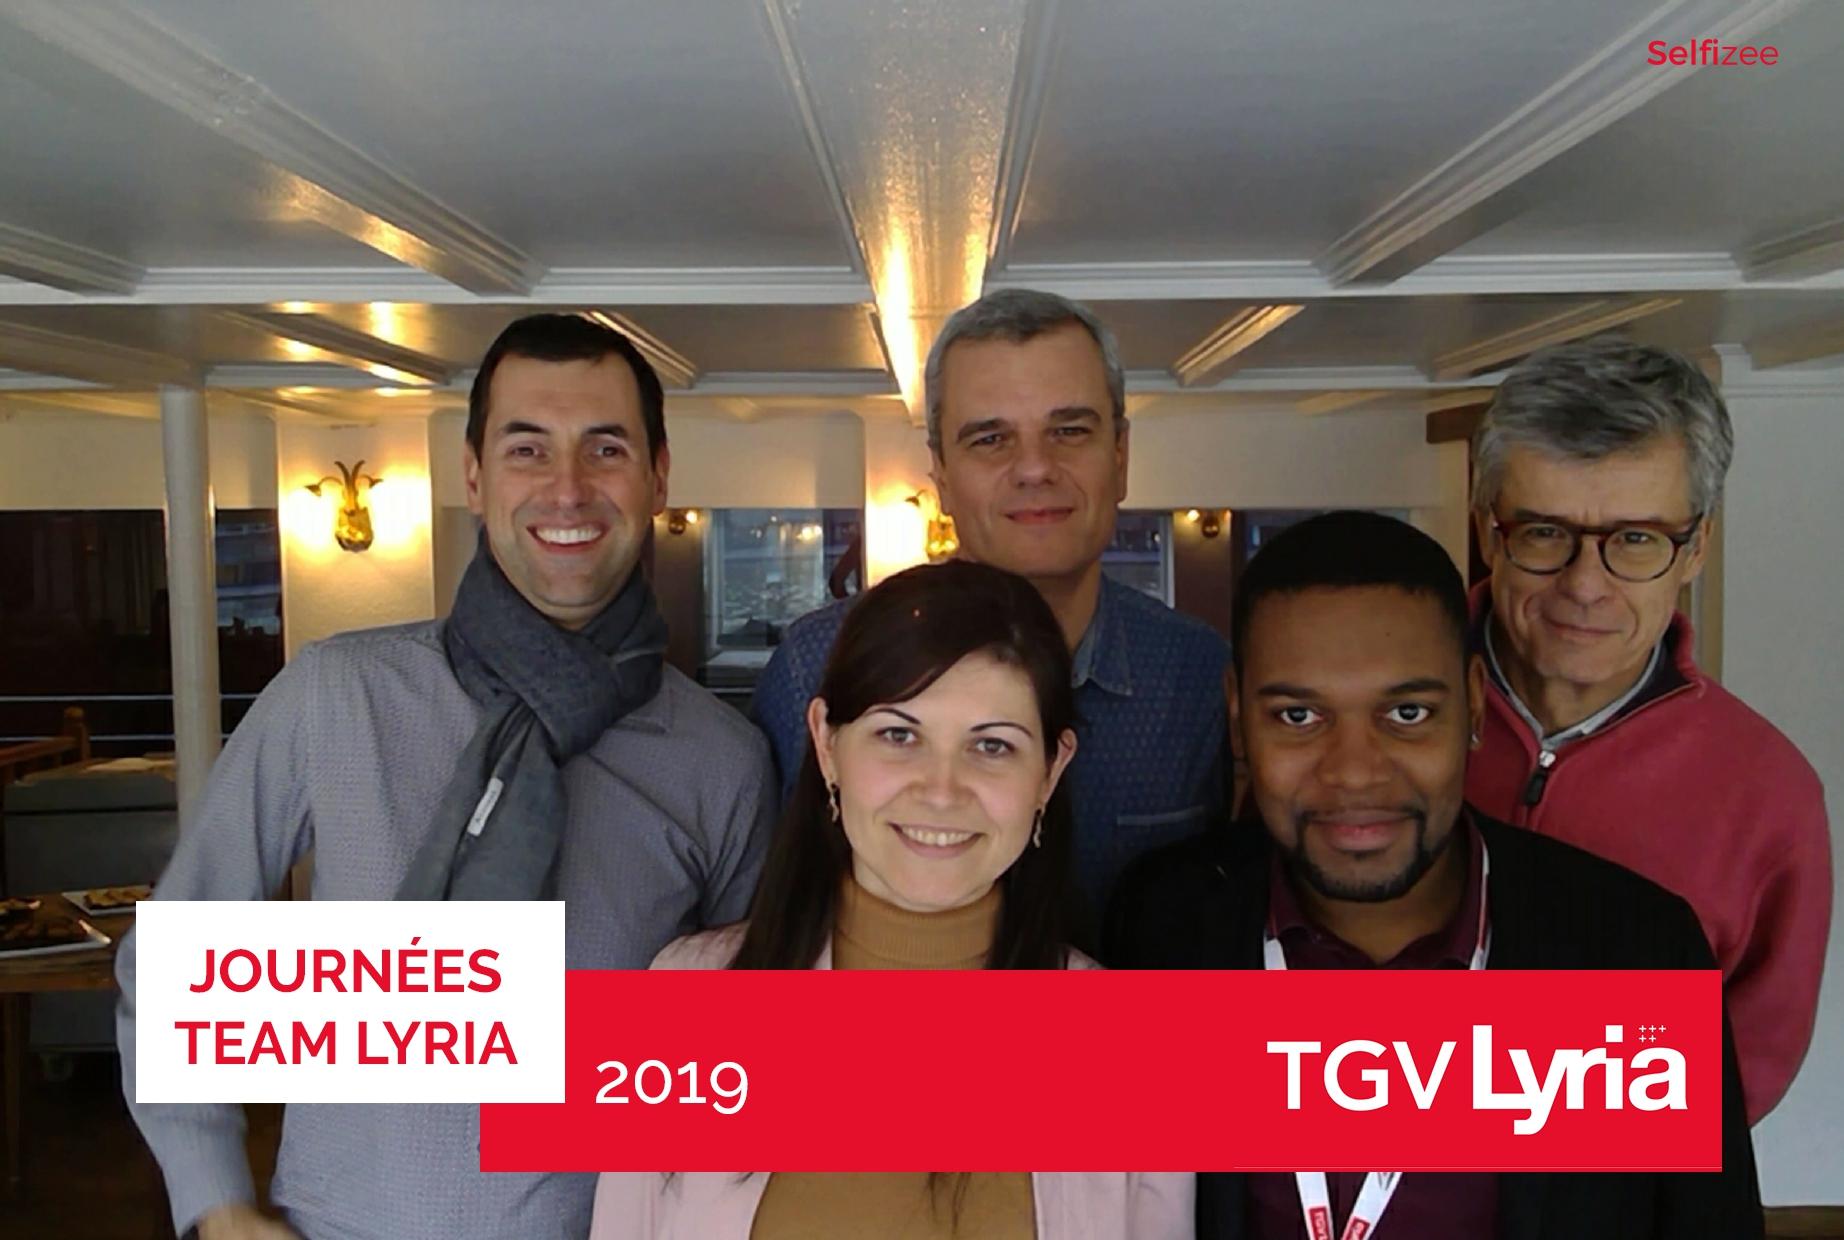 Animation borne photo journées team Lyria 2019 SNCF à Mulhouse pour nouvelle offre TGV Lyria 2020 avec impressions photos collaborateurs